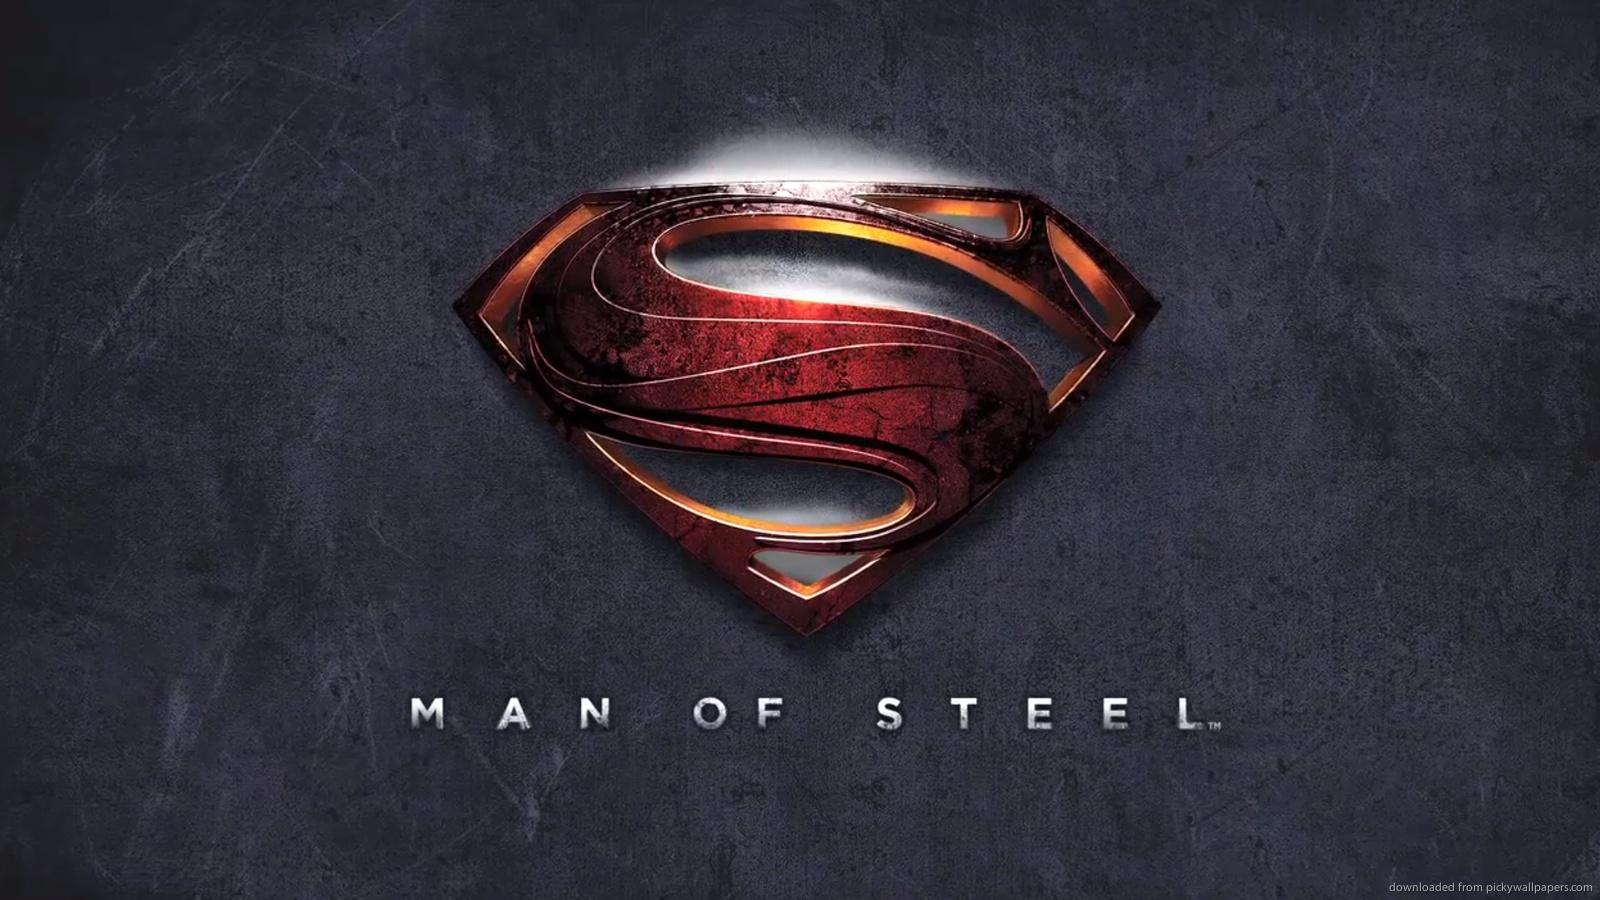 1600x900 man of steel logo wallpaper man of steel logo for 1600x900 1600x900